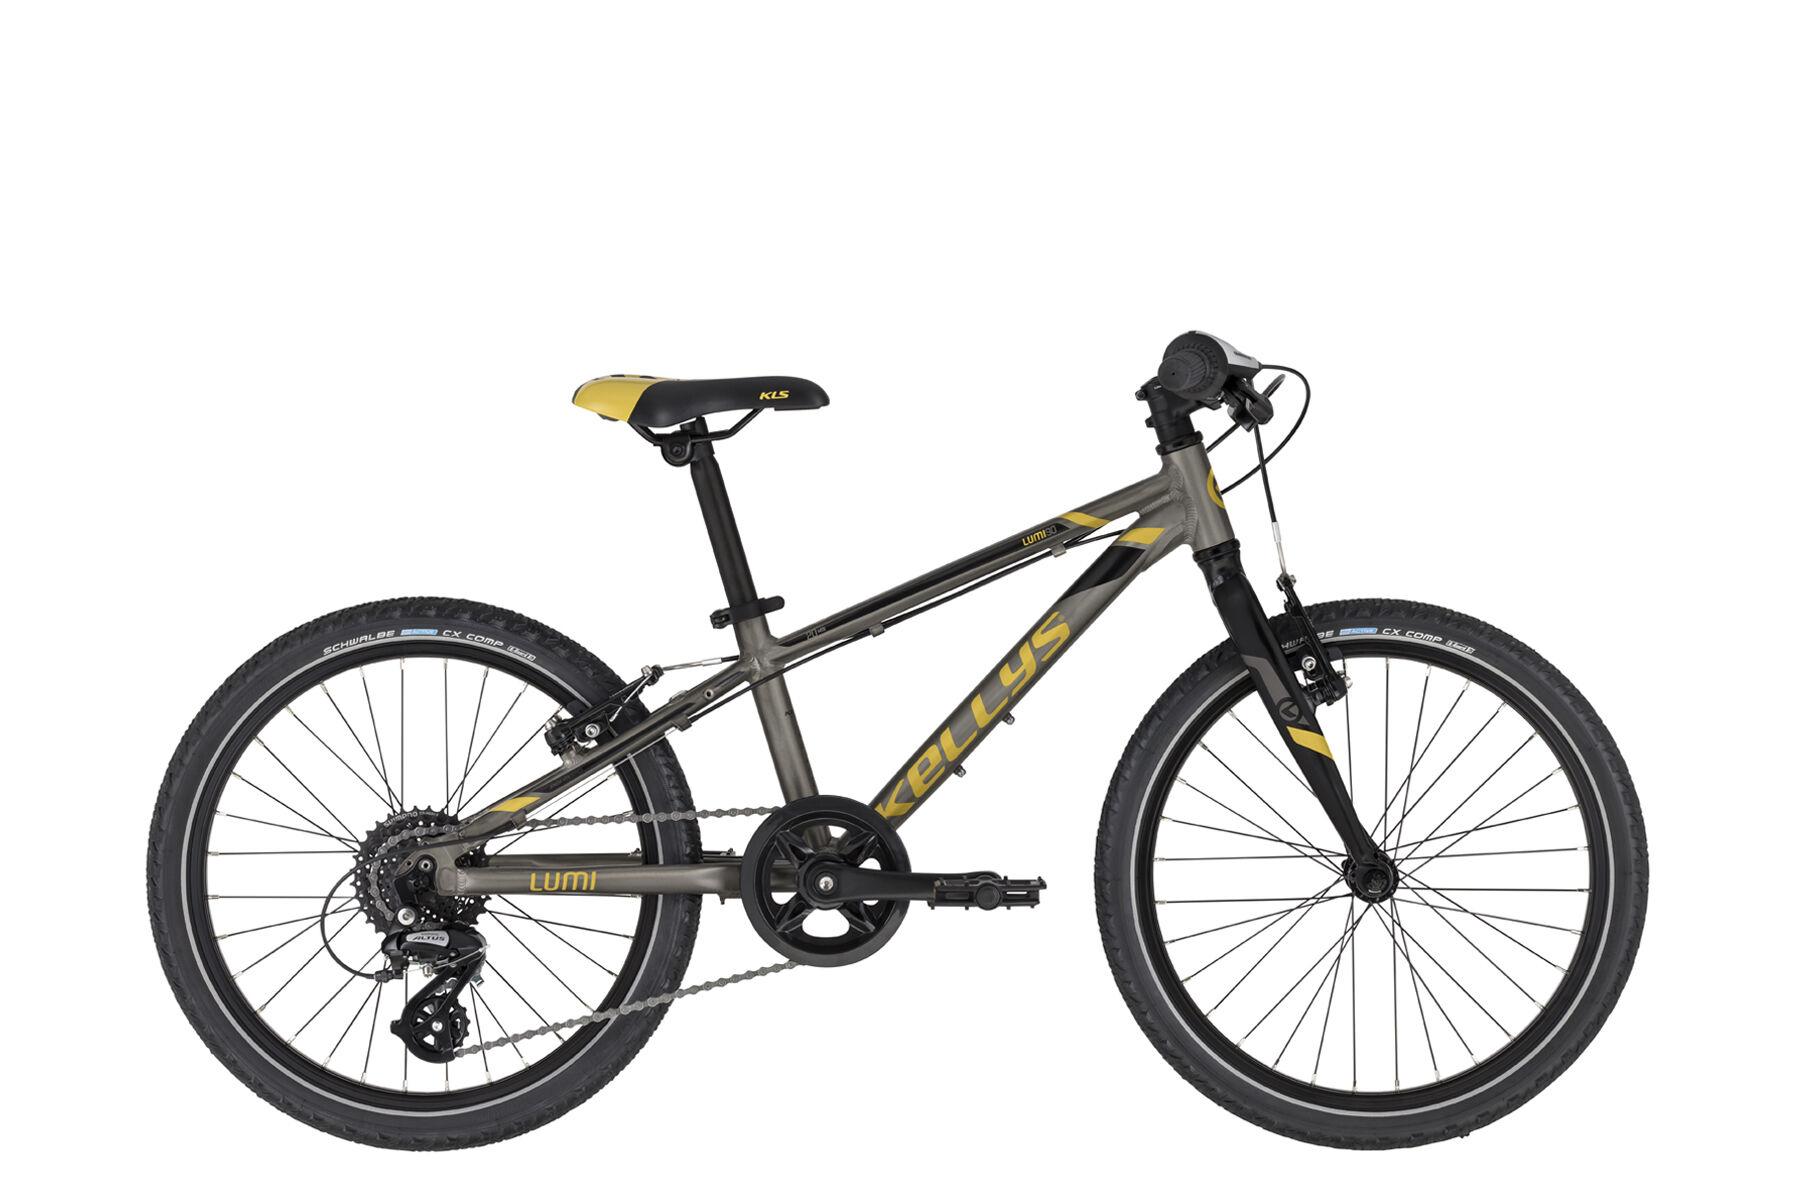 KELLYS LUMI 90 (20'') gyermekkerékpár